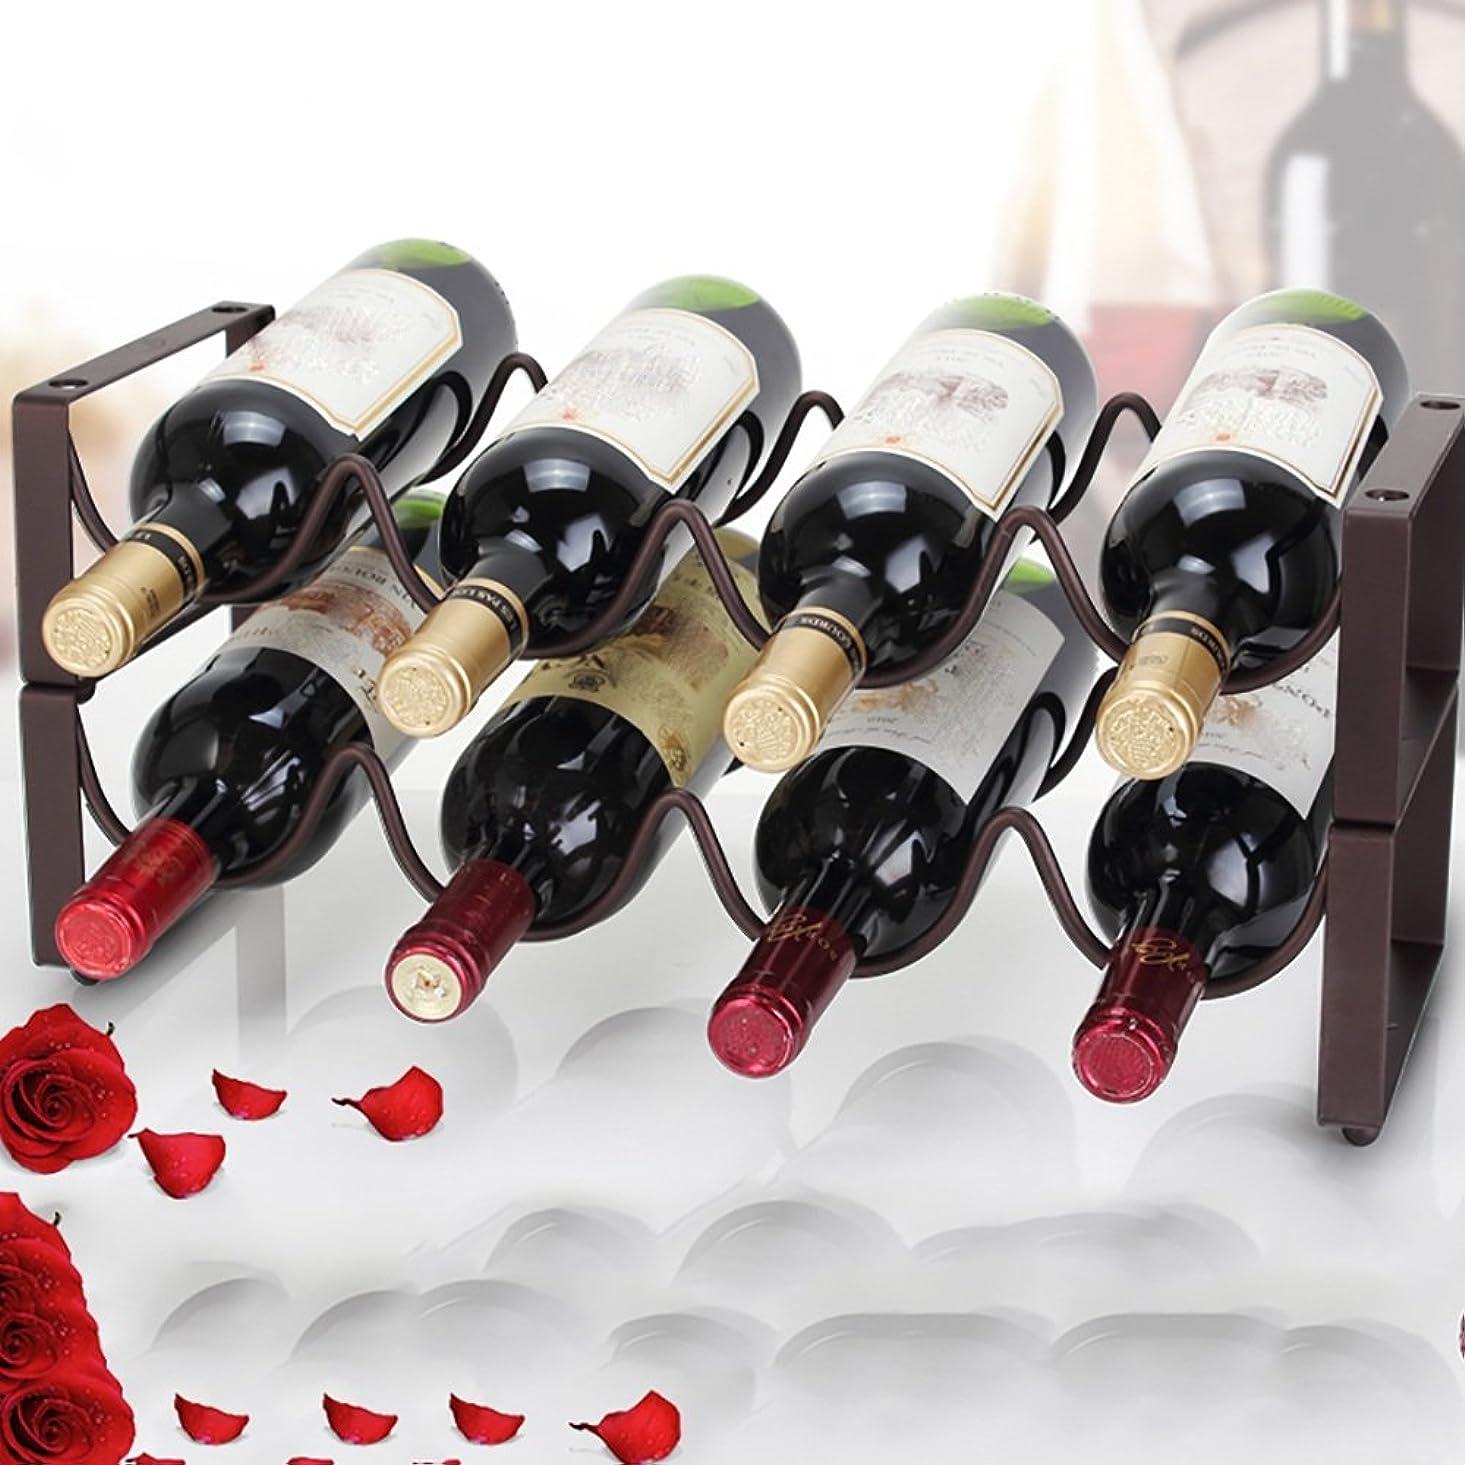 慎重抑圧口頭ZXQZ ワインラック/赤ワインラック/アイアンアートワインキャビネット装飾/DIYフリーコンビネーション/サイズオプション 赤ワイン棚 (色 : ブロンズ, サイズ さいず : (45 * 17 * 23CM))